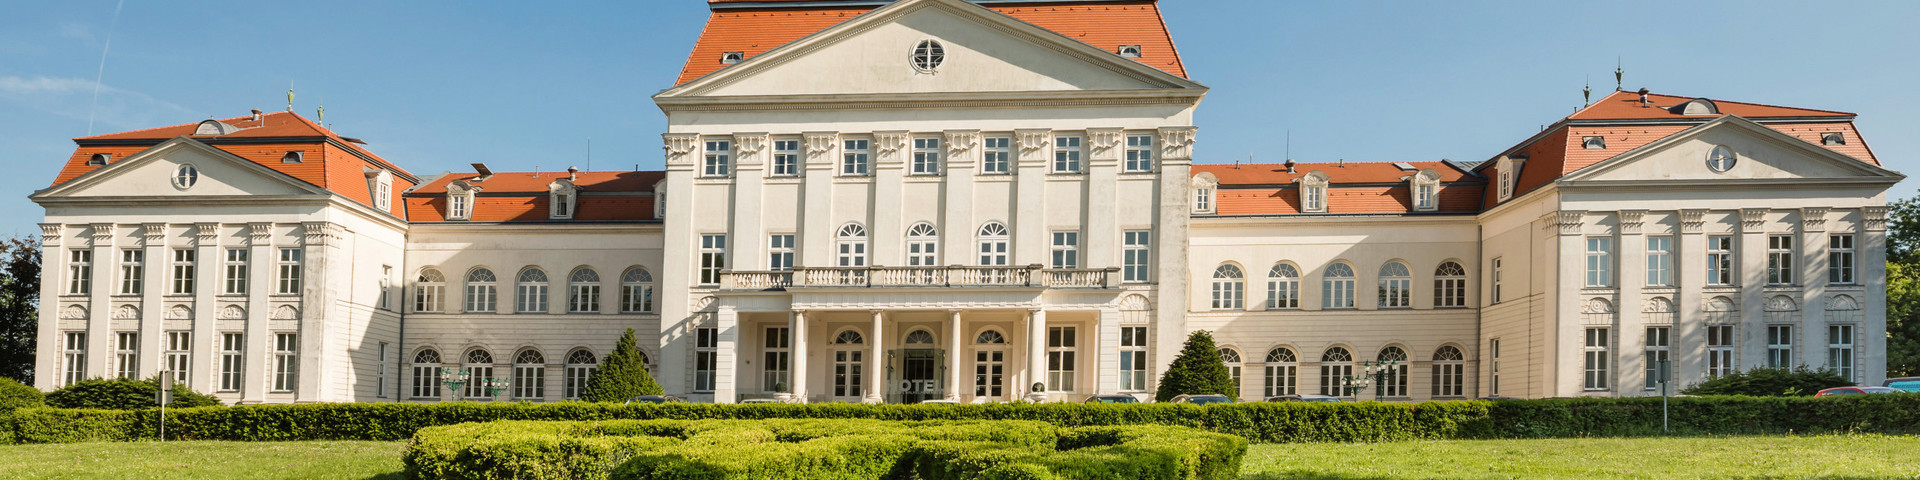 Austria Trend Hotel Schloss Wilhelminenberg - Aussenansicht © Austria Trend Hotels